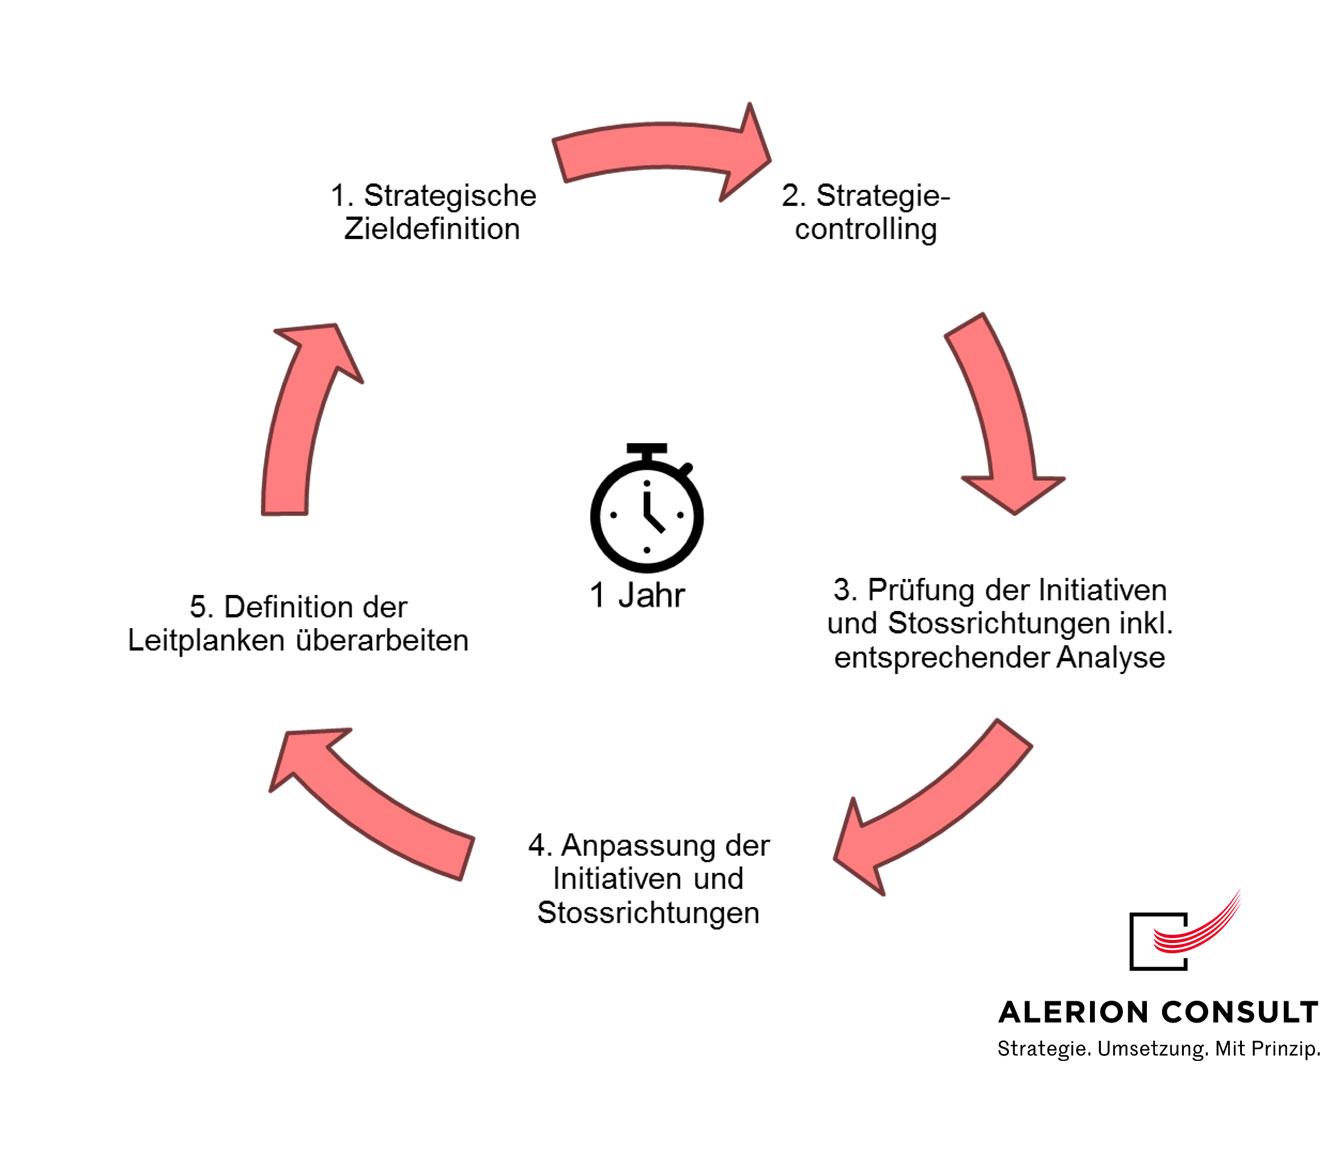 Kleiner Strategiezyklus